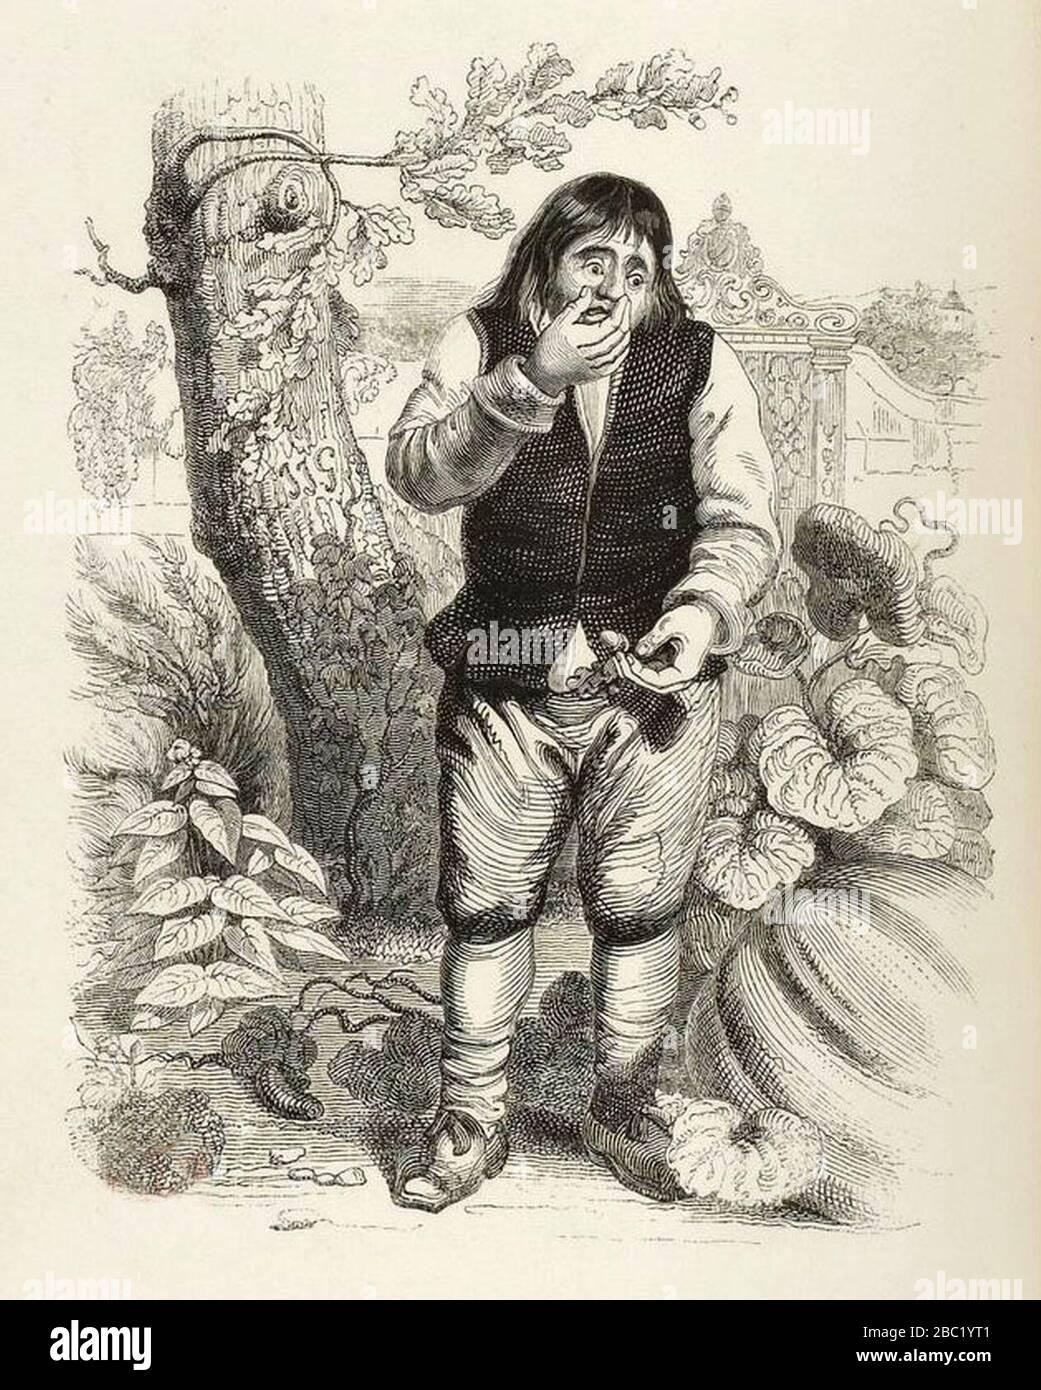 Le Gland Et La Citrouille : gland, citrouille, Grandville, Fables, Fontaine, 09-04, Gland, Citrouille, Stock, Photo, Alamy